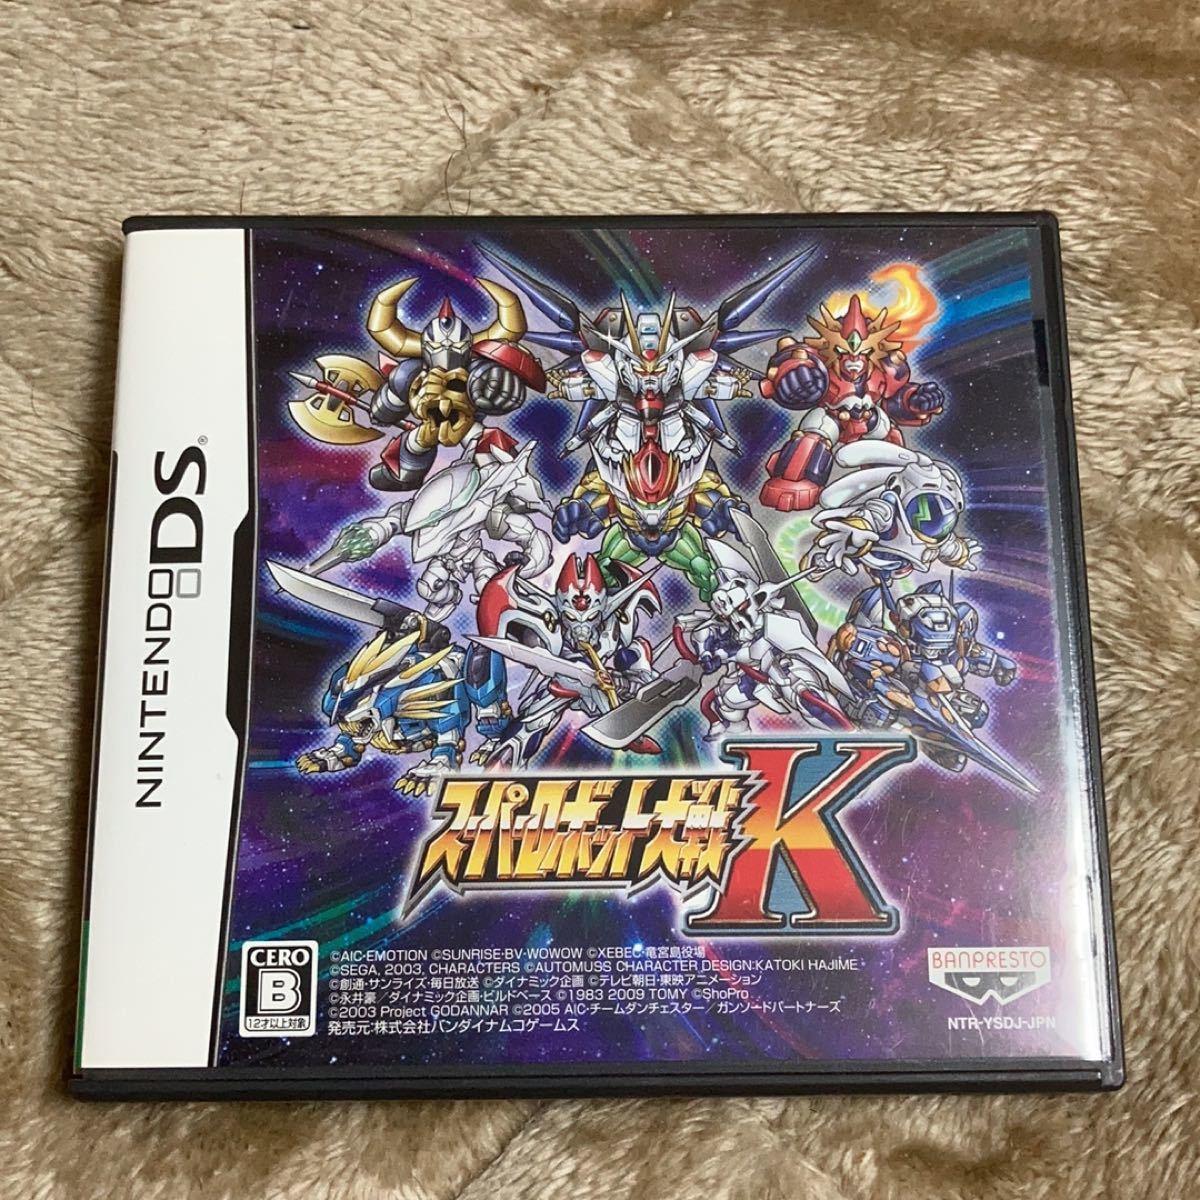 【DS】 スーパーロボット大戦K バンダイナムコゲームス